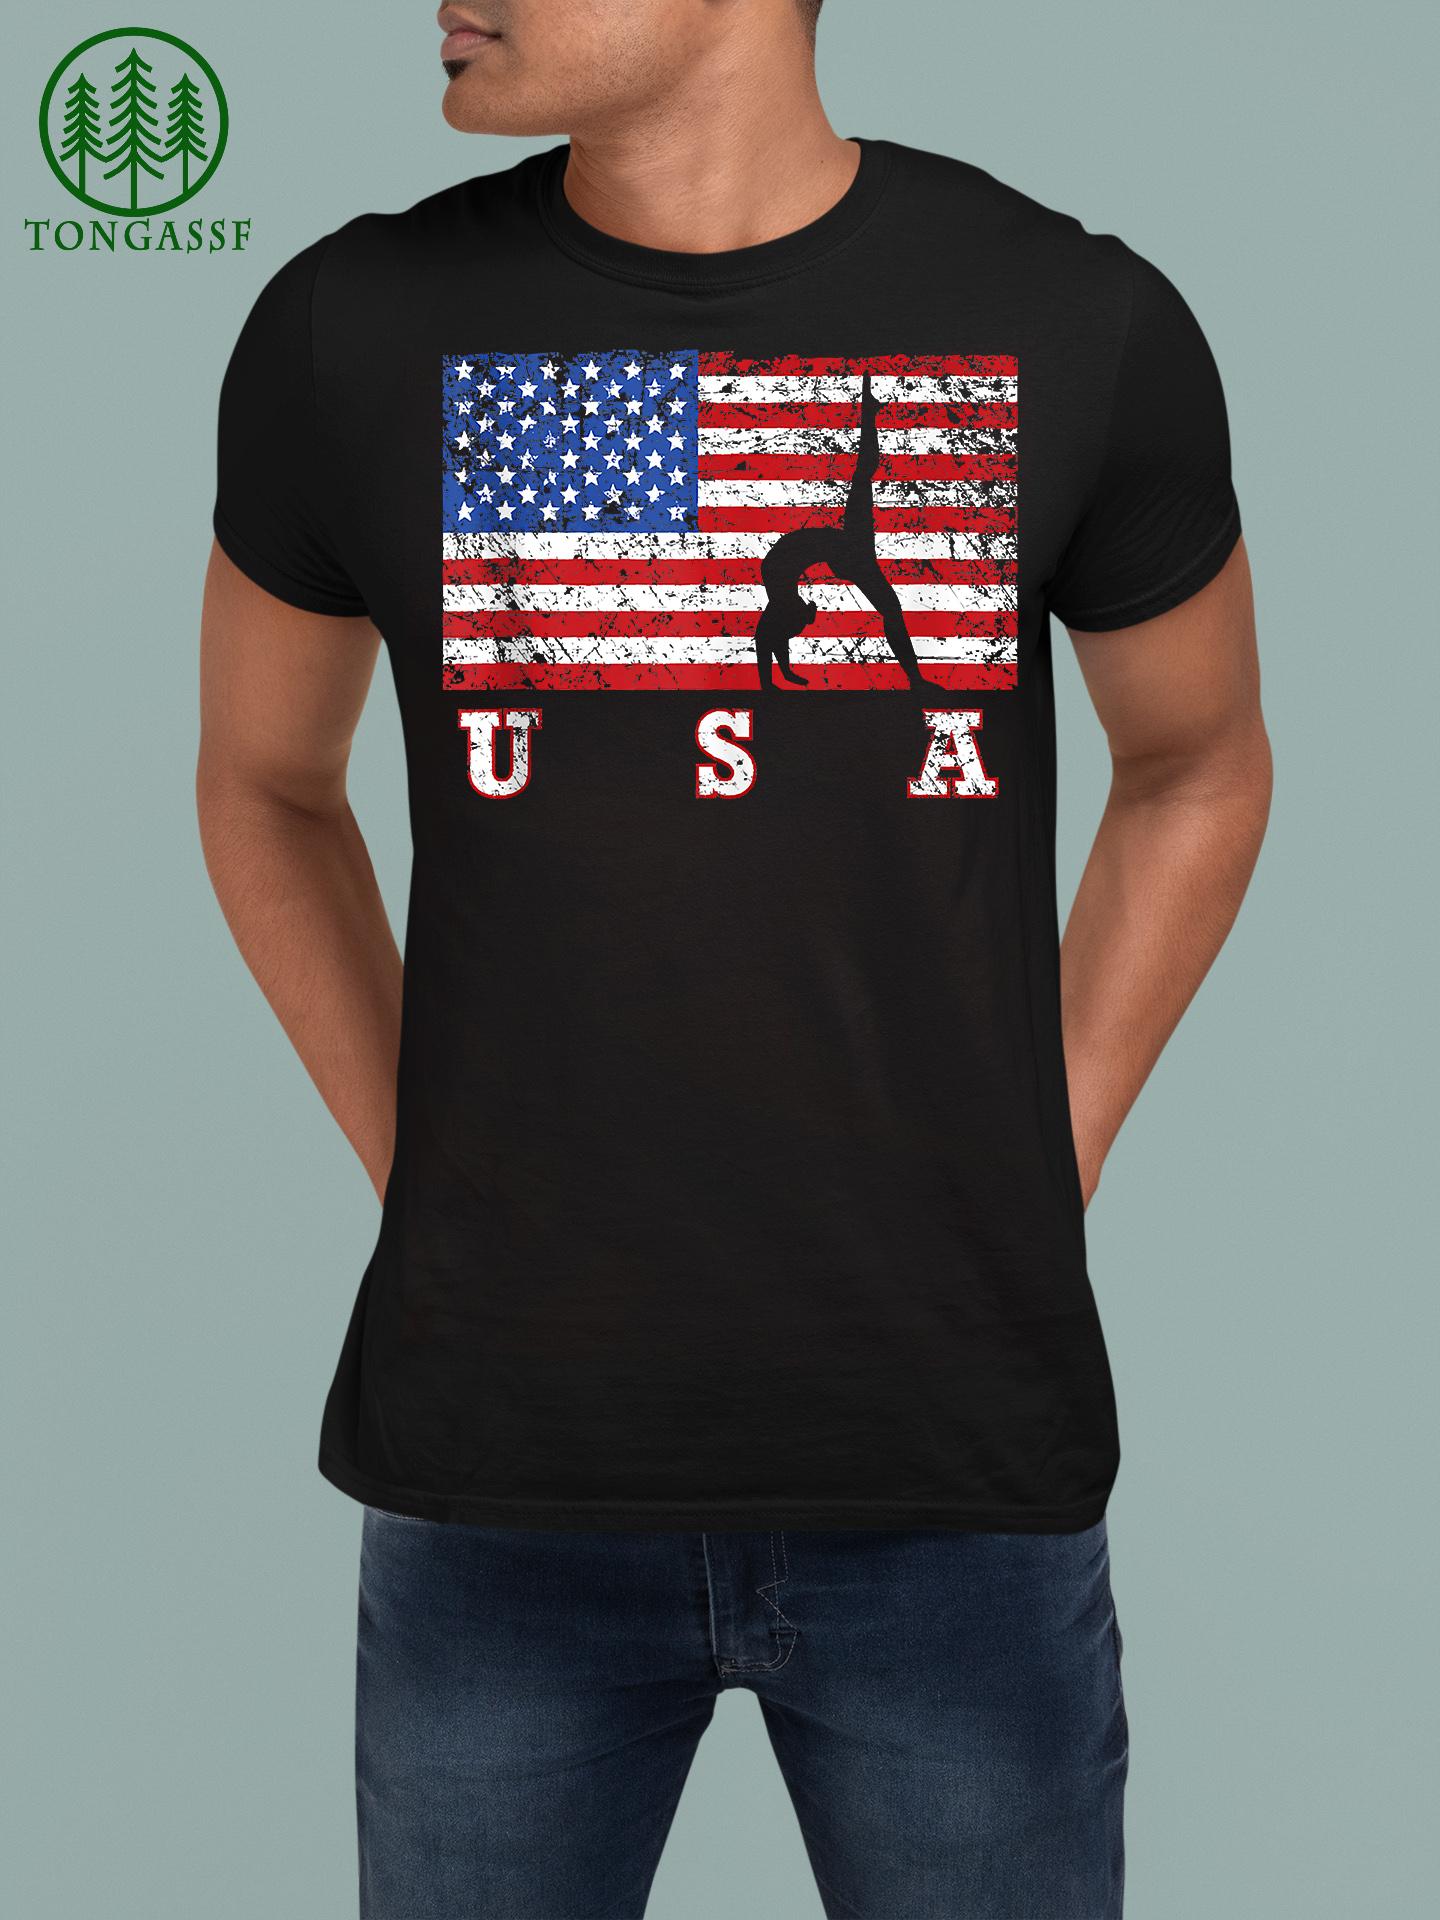 American Flag Gymnastics USA Gift Tumbling Team Shirt